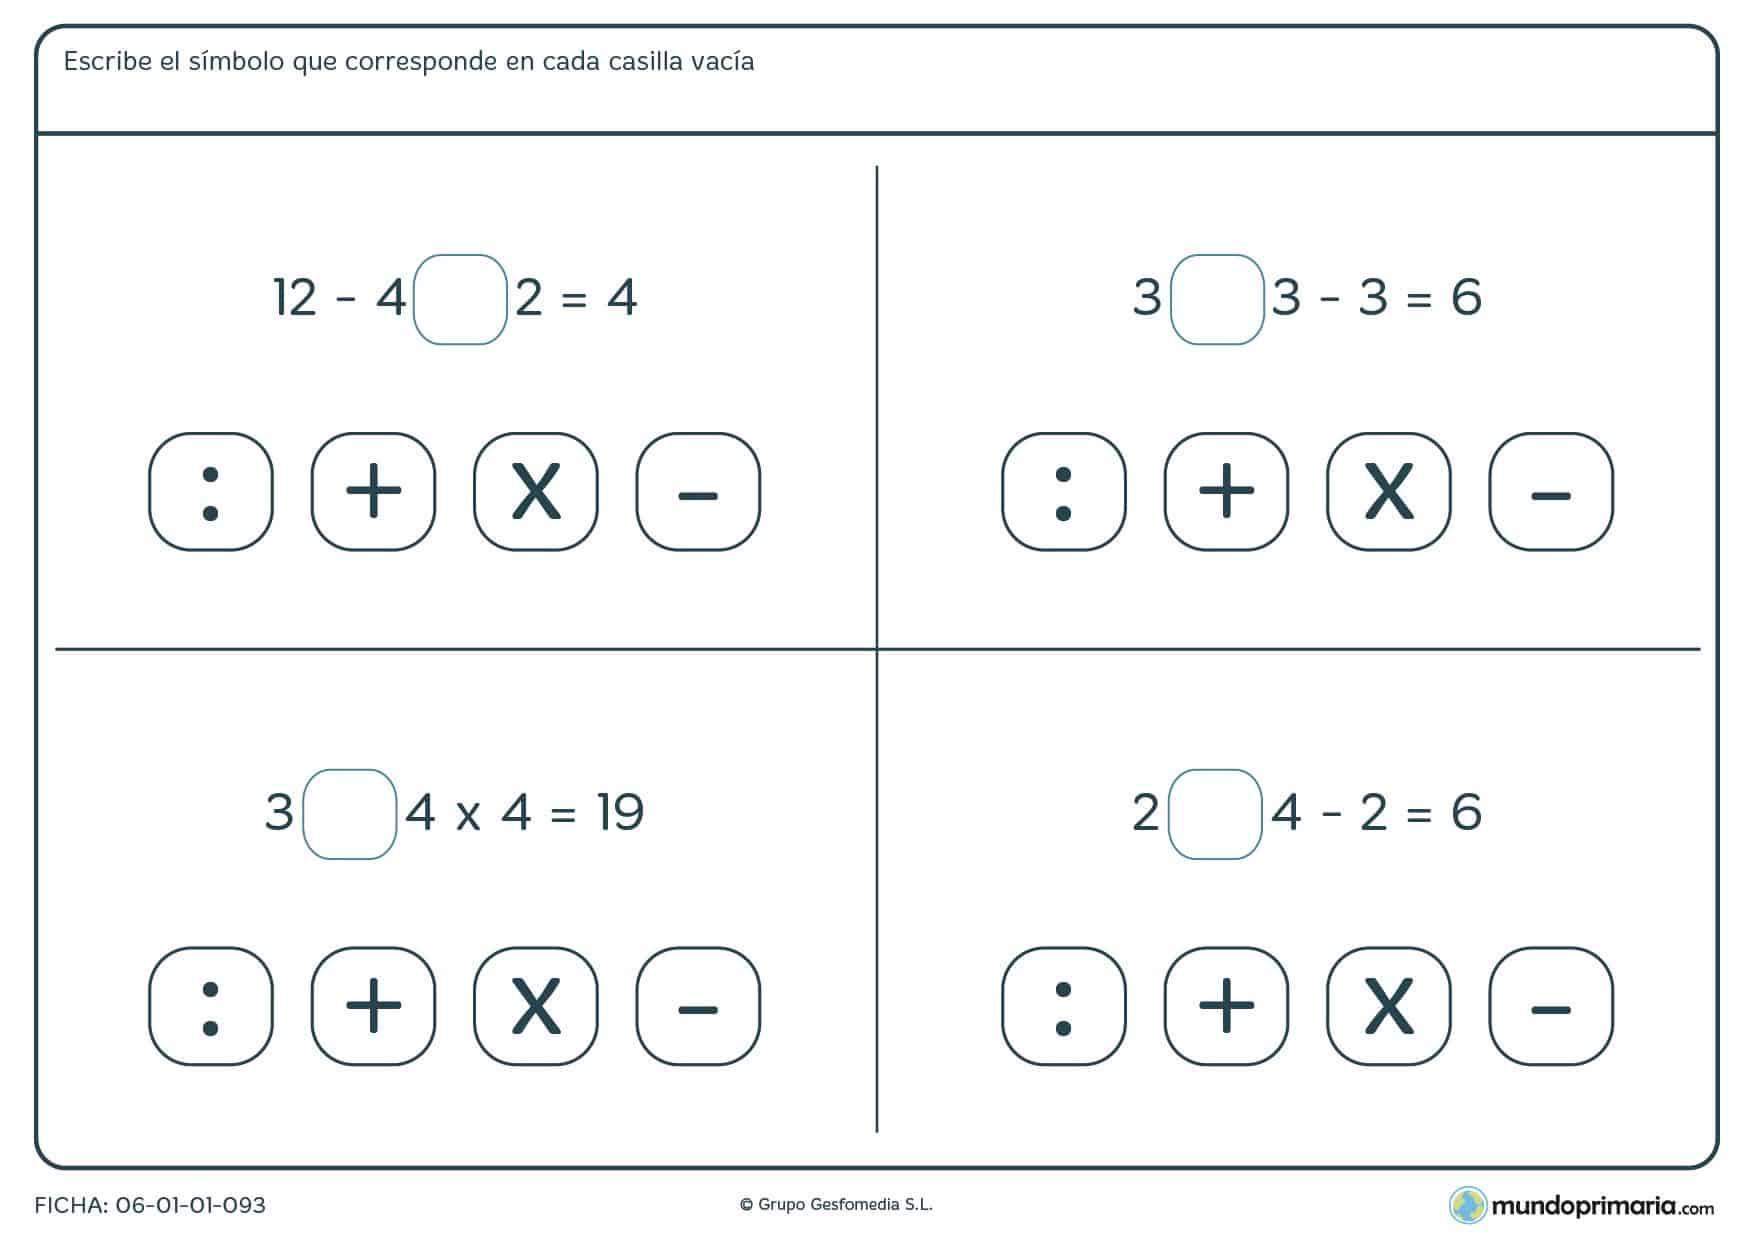 Escribe el signo que falta para responder la ecuación para primaria